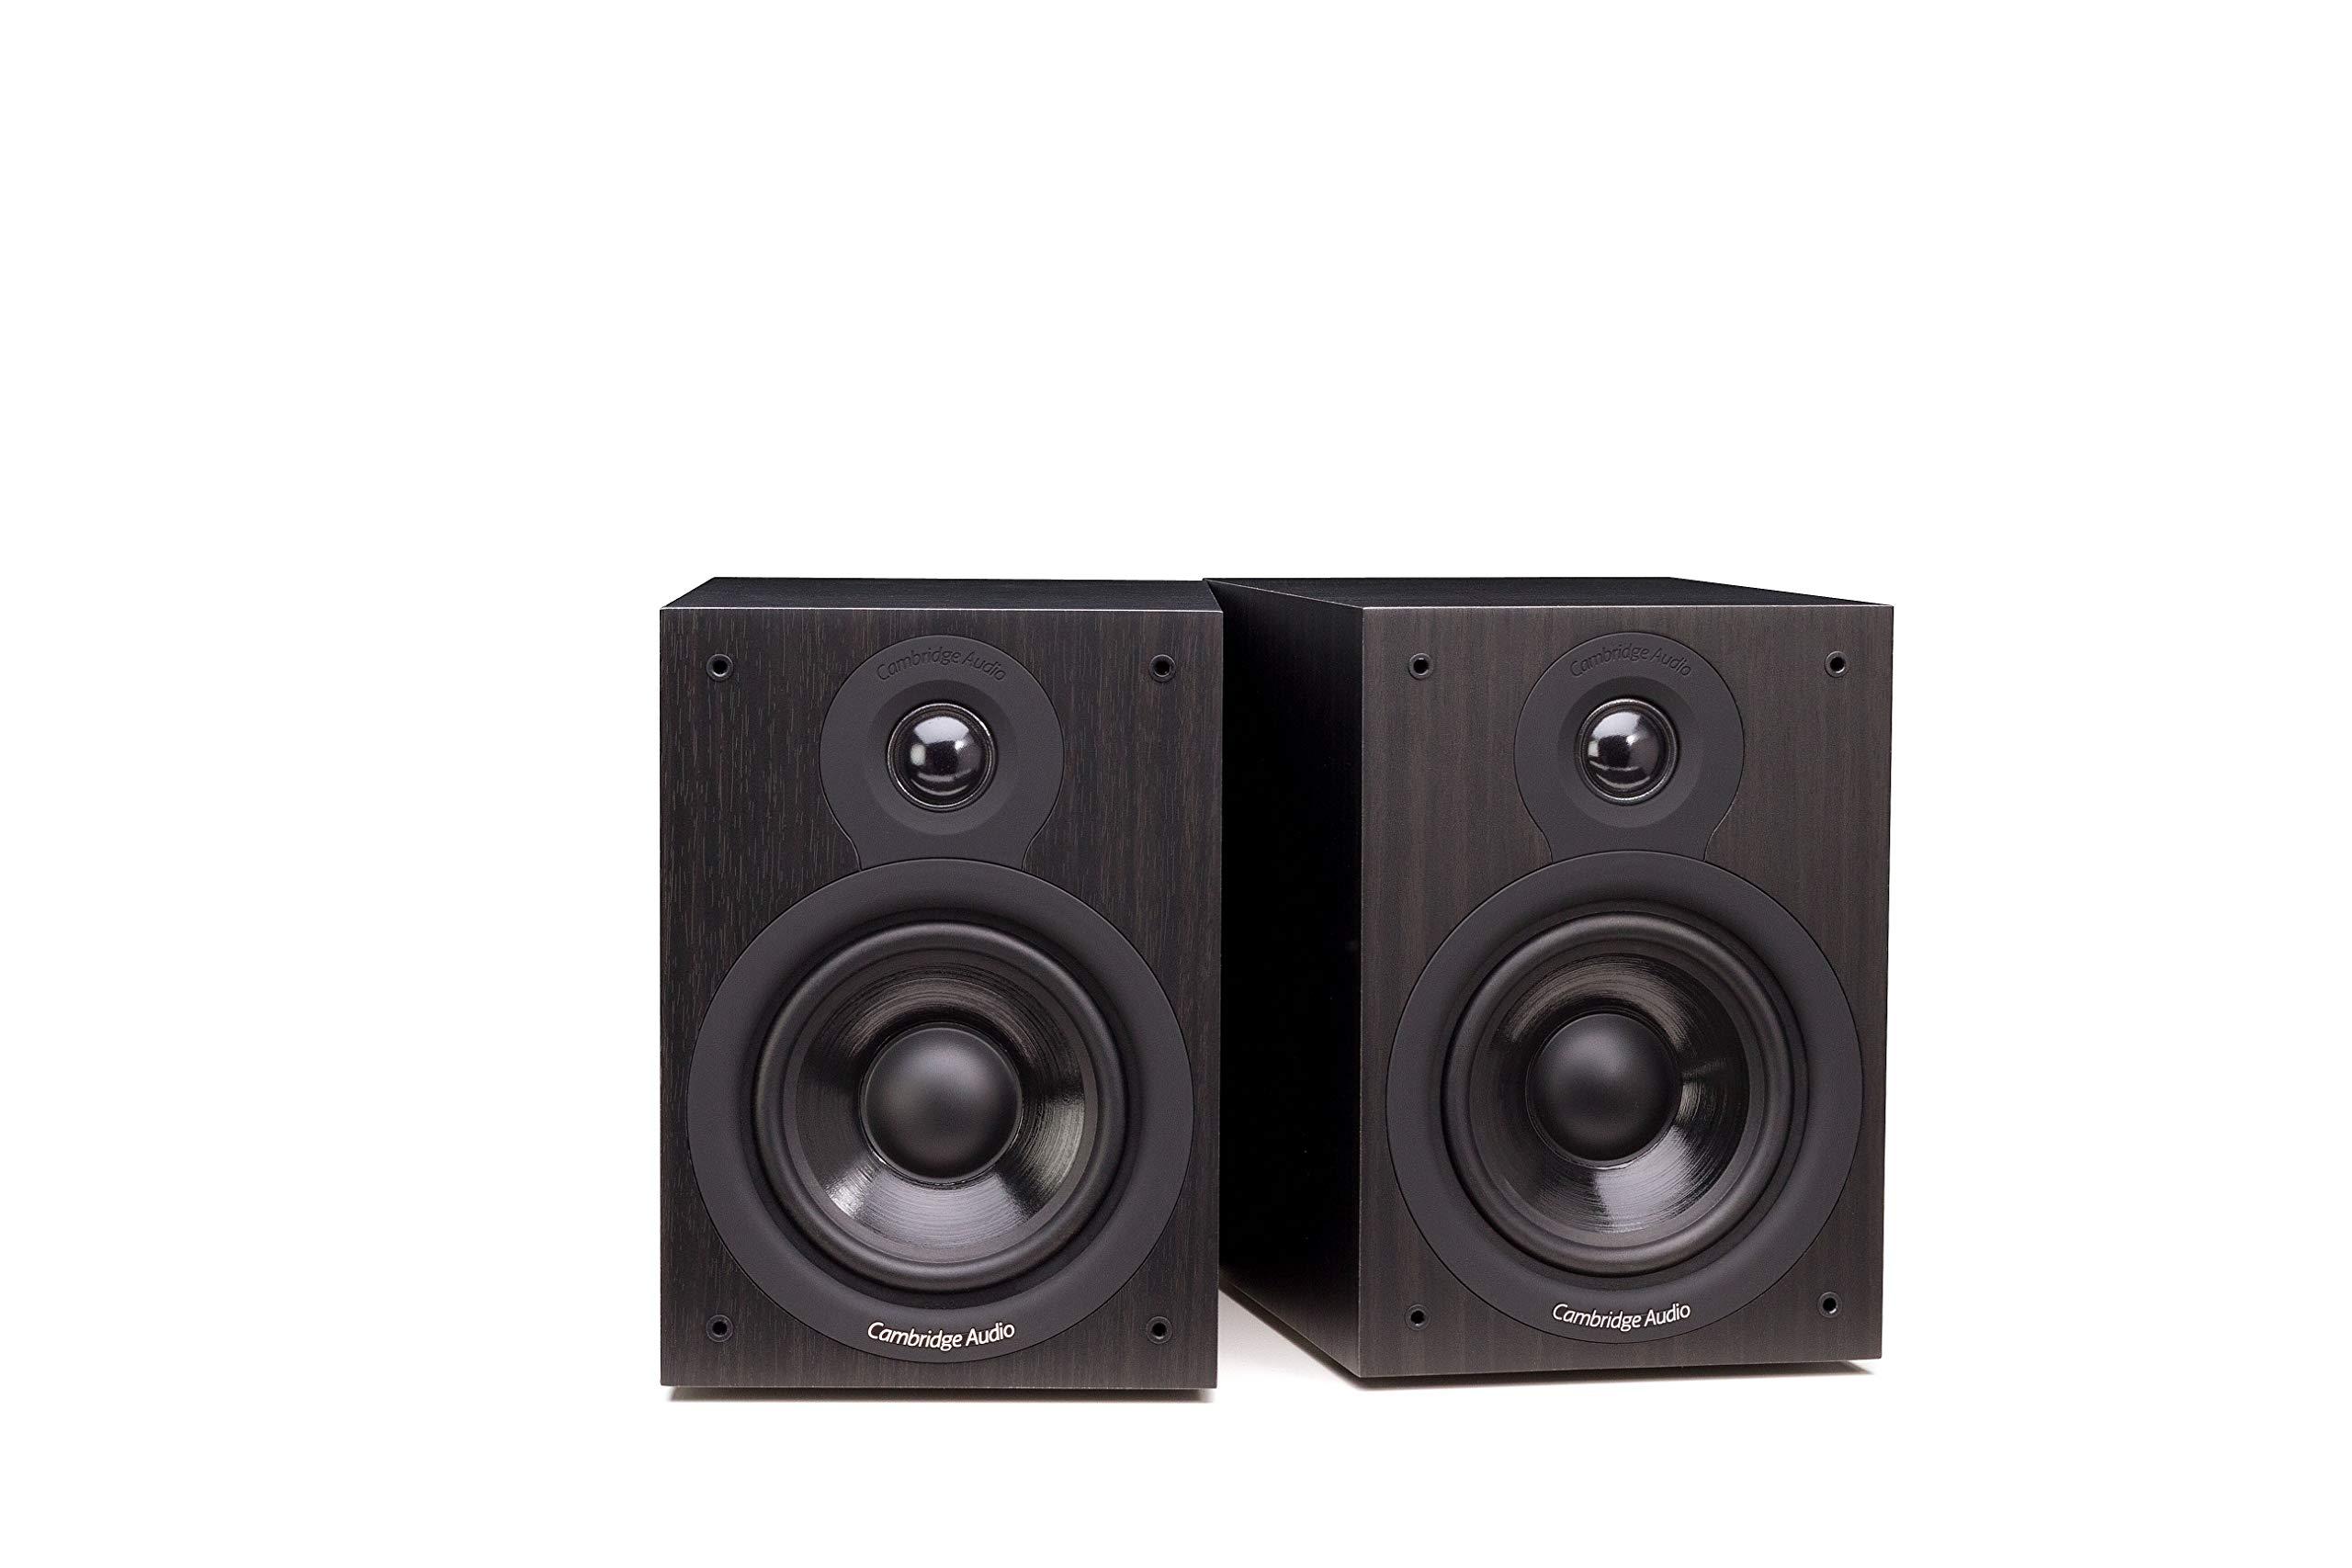 Parlante : Cambridge Audio SX-50 - Altavoces...